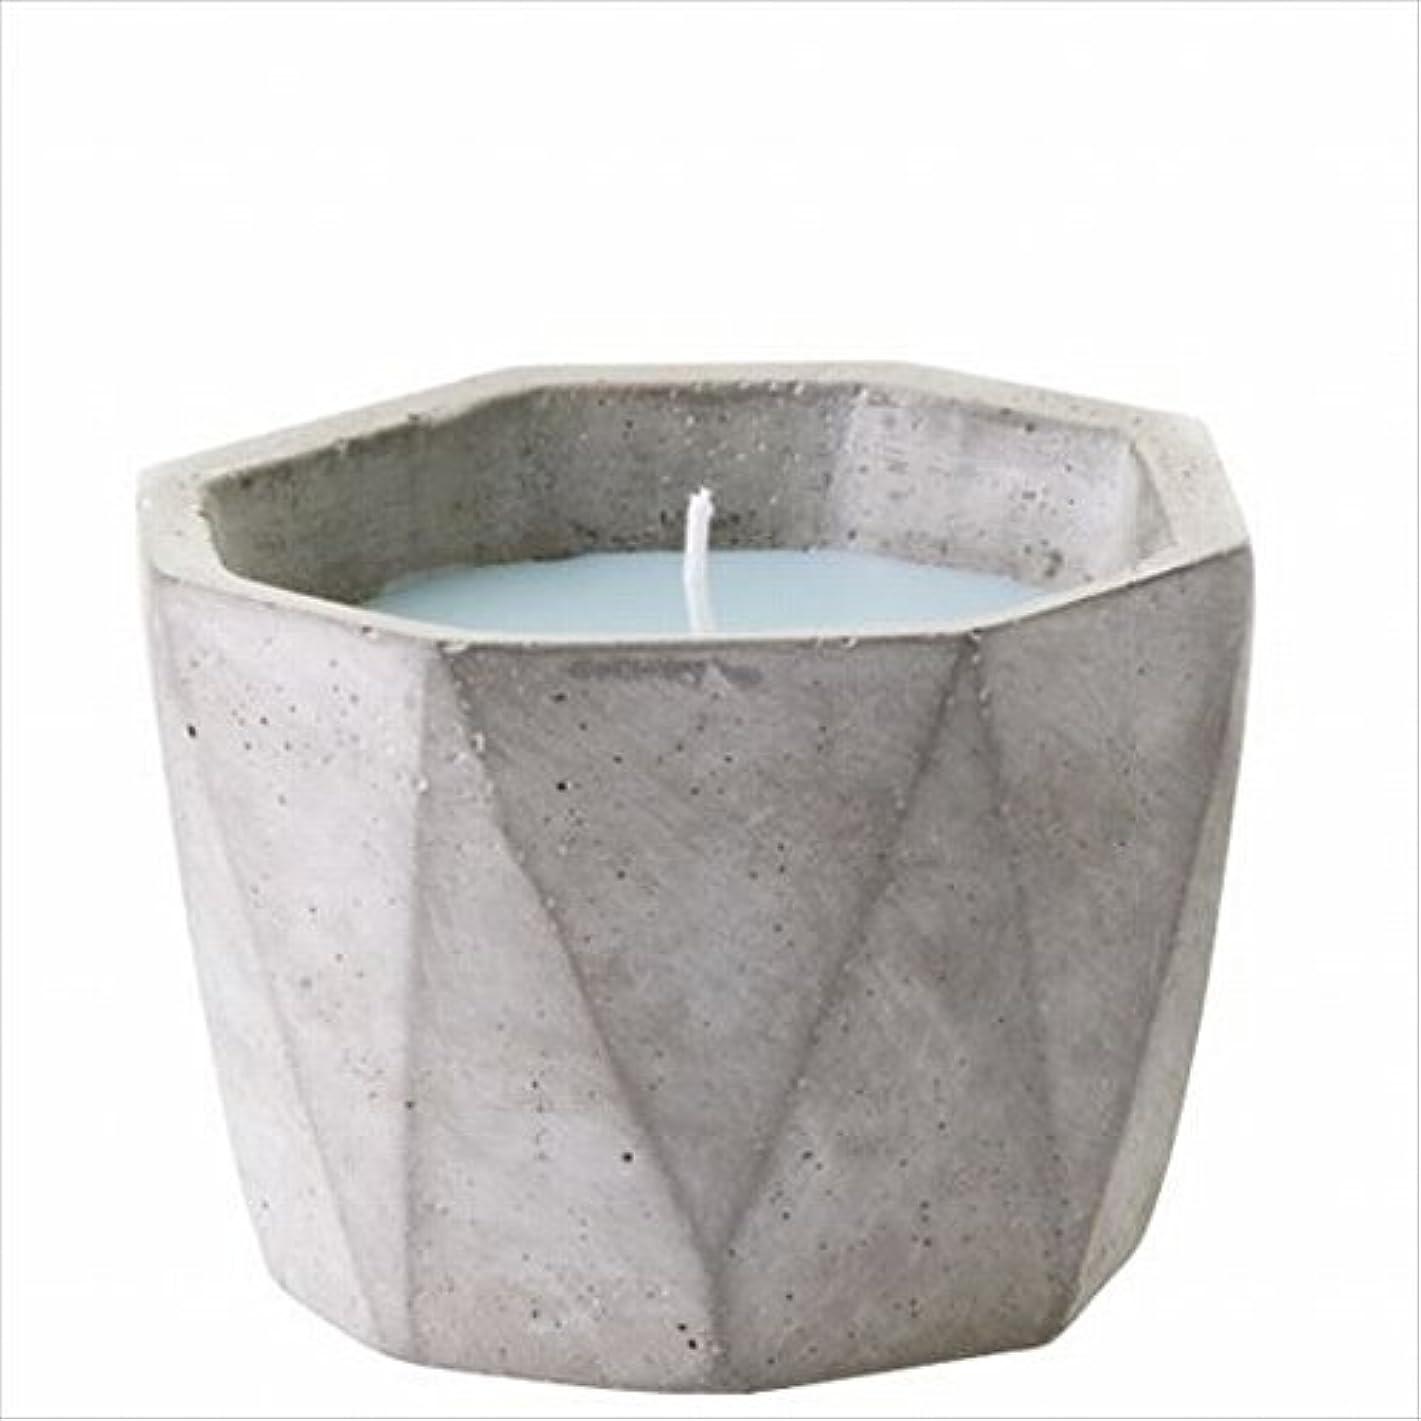 敬なドライバ後退するカメヤマキャンドル(kameyama candle) POiNT A LA LiGNE セメントポットセンティッドキャンドル 「 モックオレンジミント 」